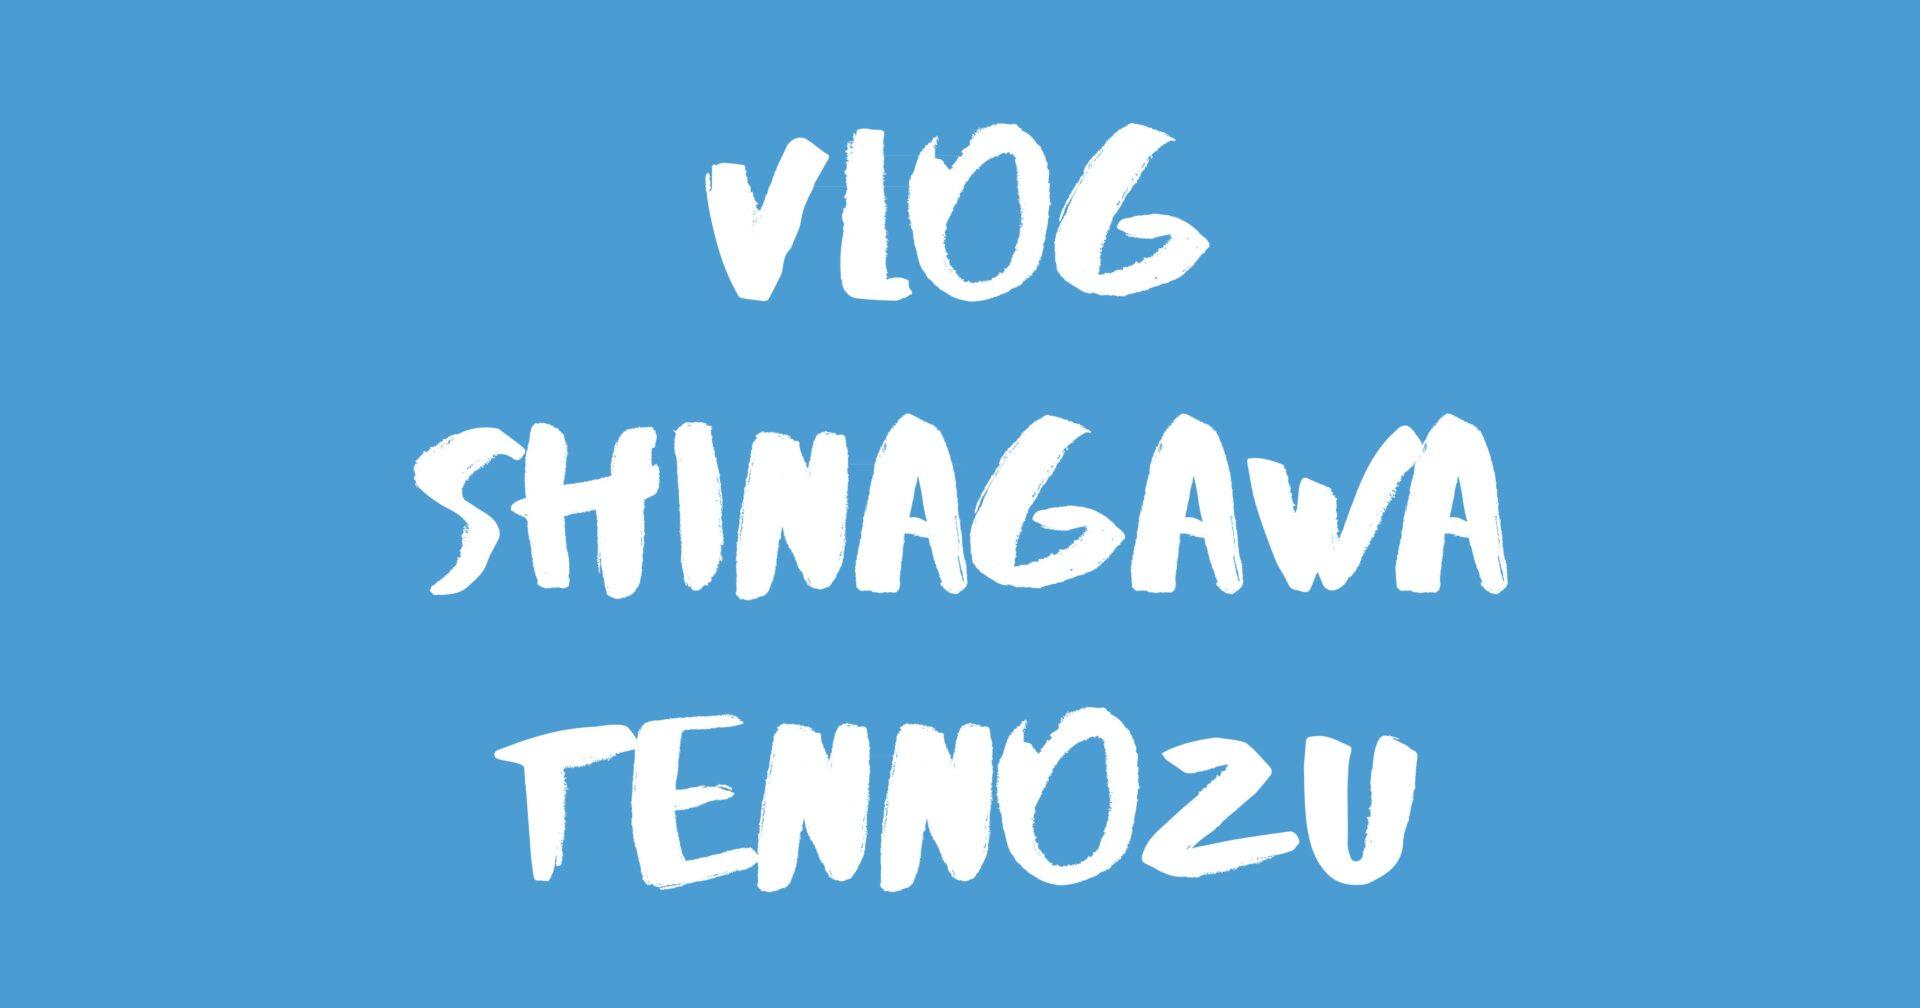 [Vlog] 品川&天王洲 / Shinagawa & Tennozu